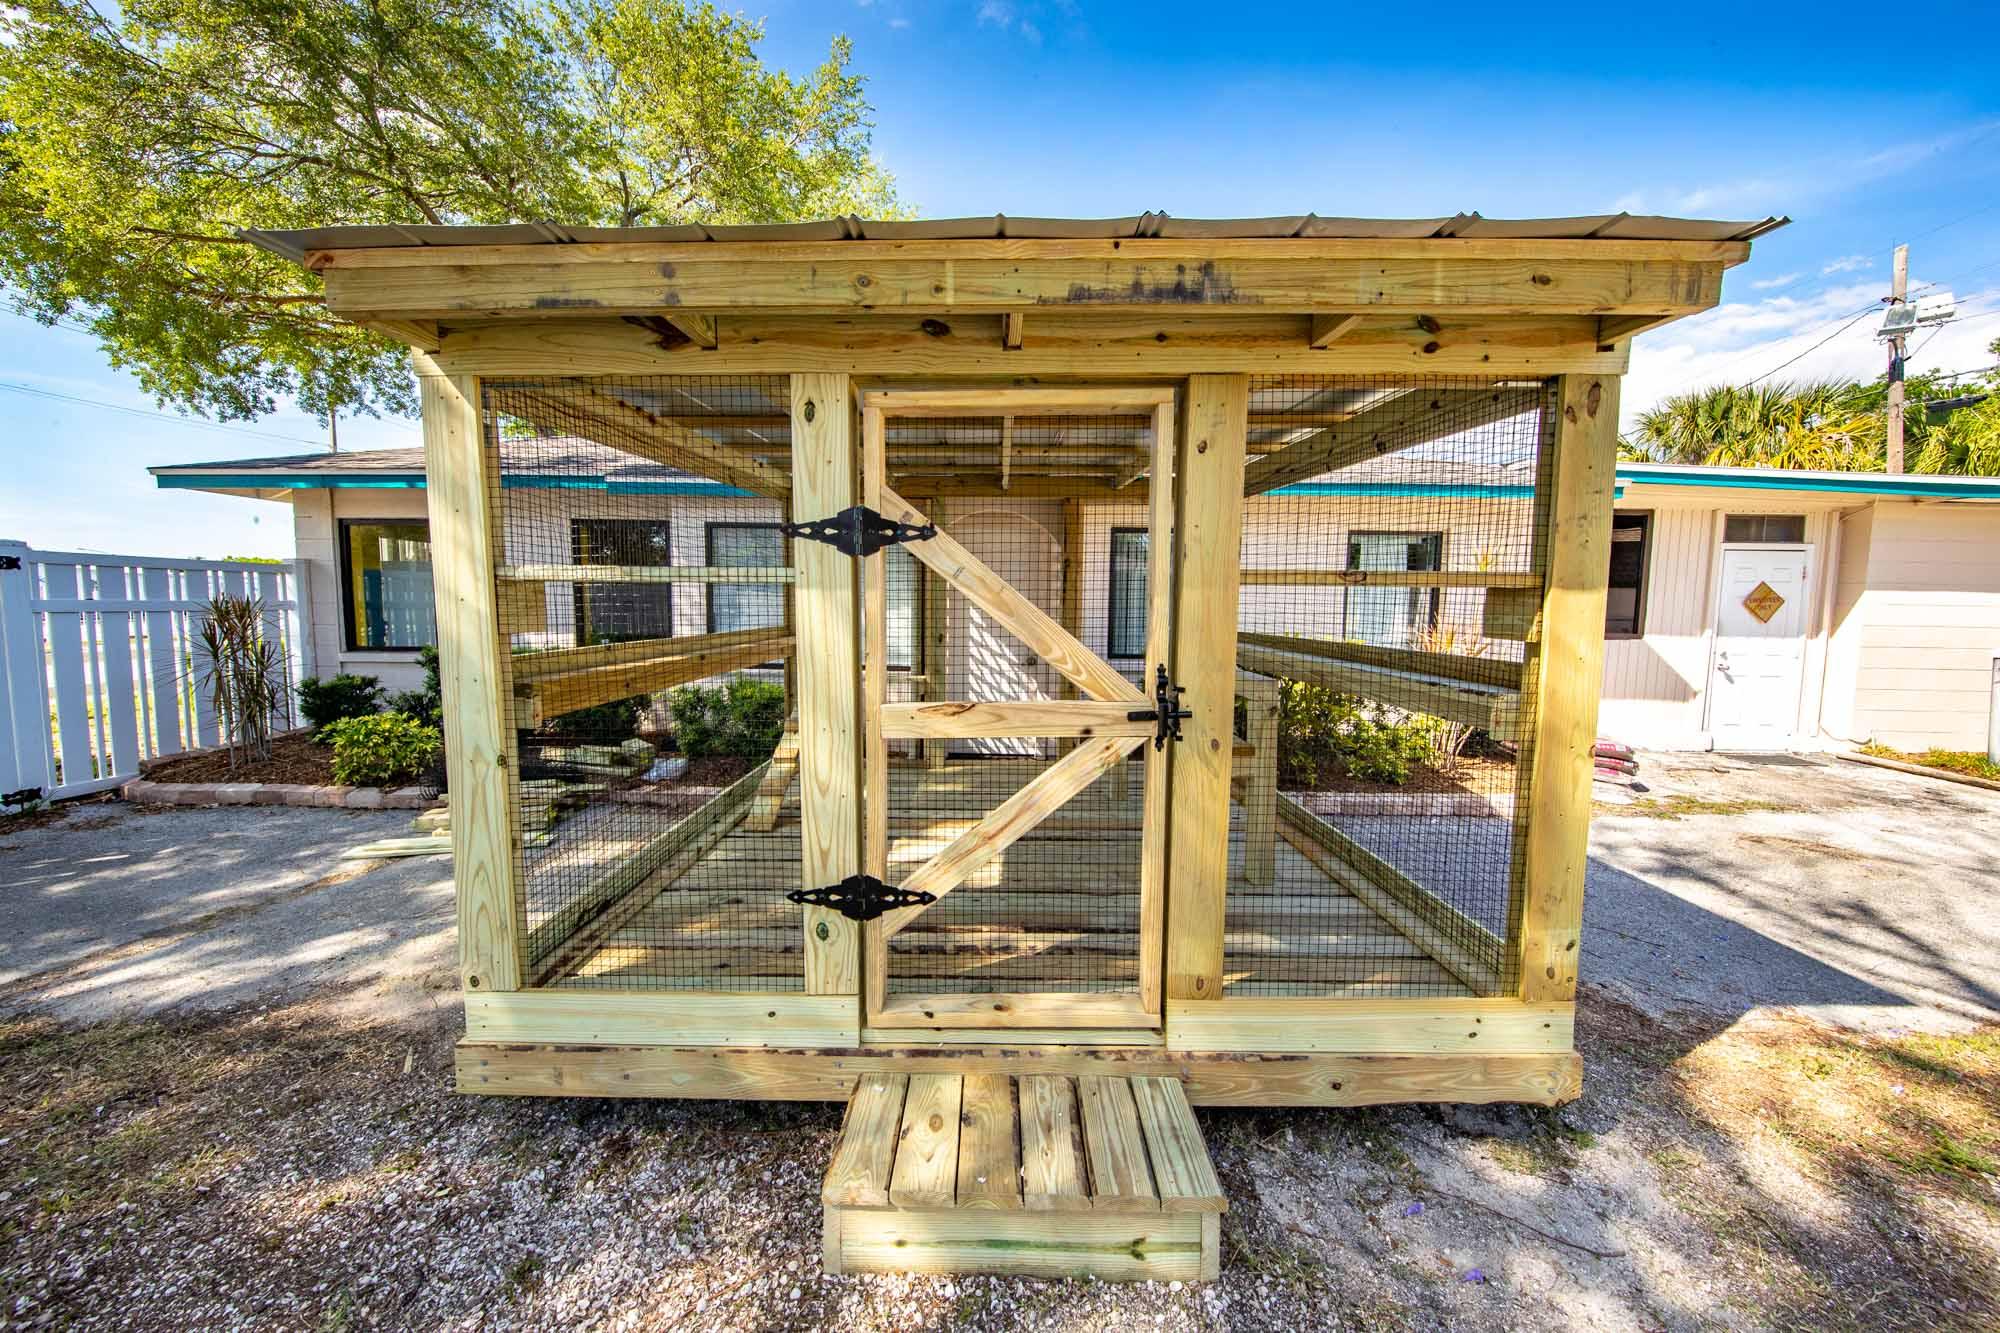 Humane Society of Manatee County Catio Build